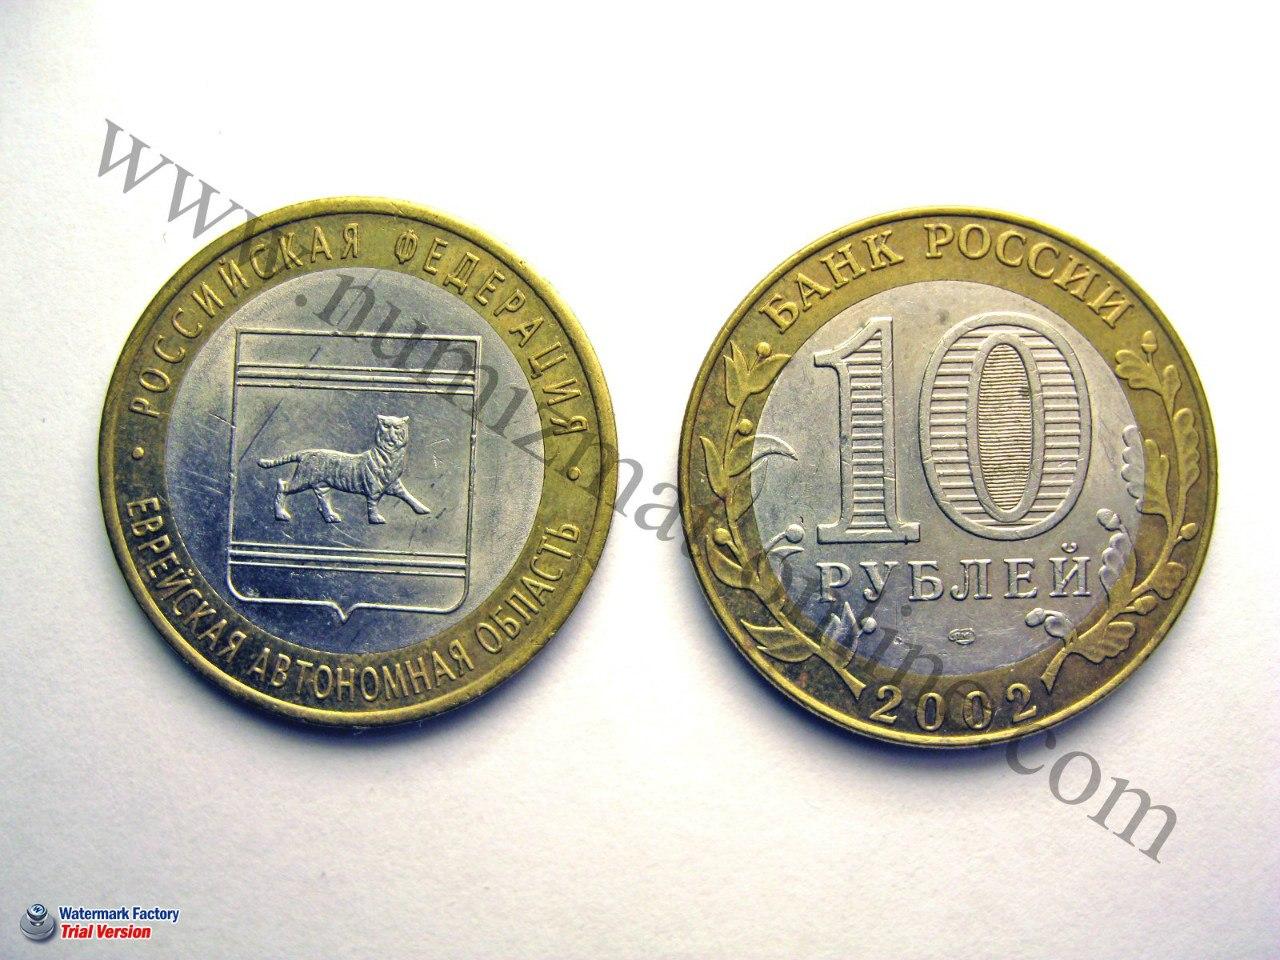 Еврейская автономная область. 10 рублей. Российская Федерация